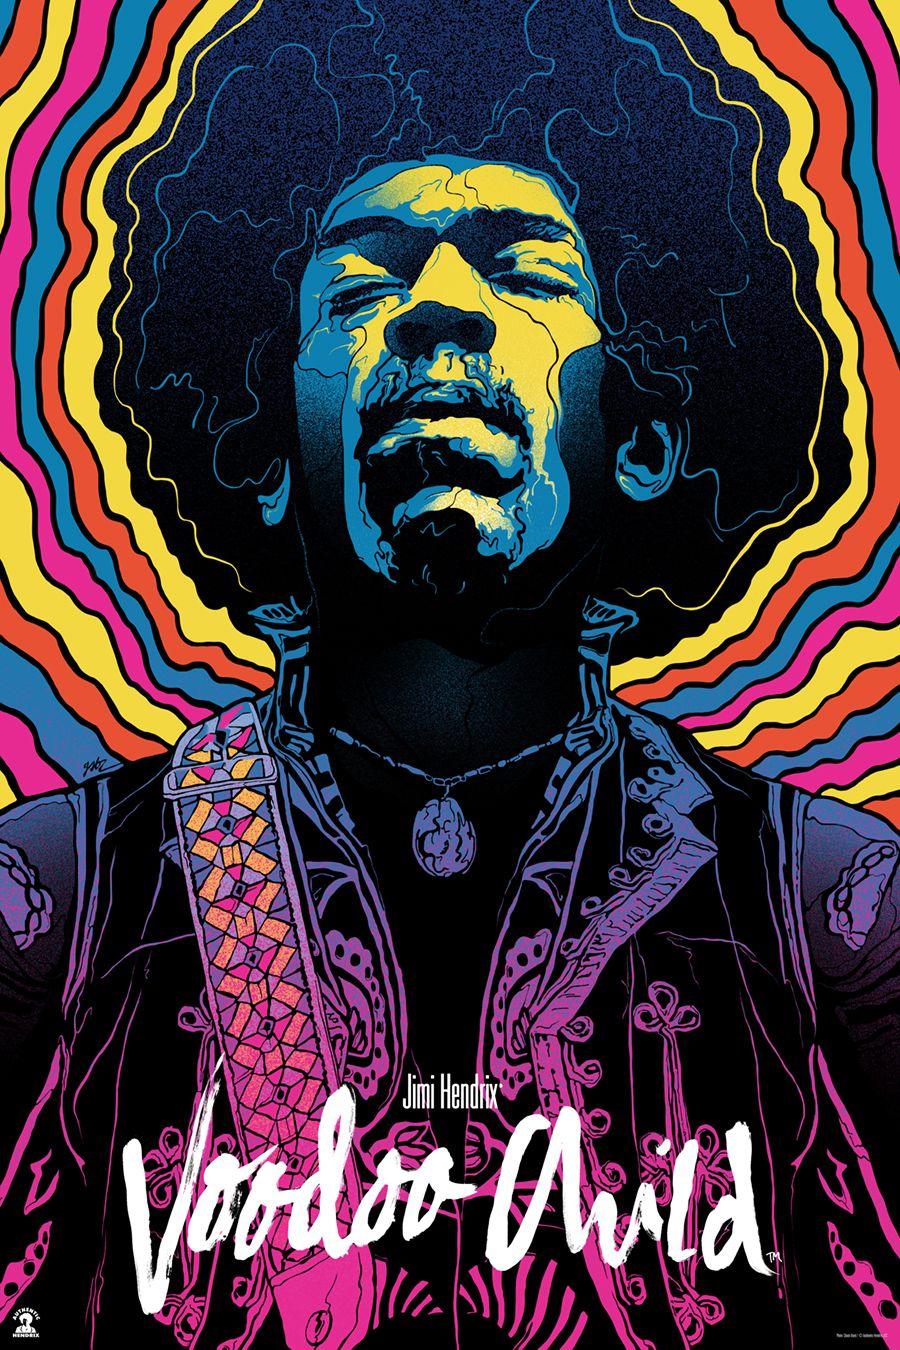 Gabz Jimi Hendrix, Voodoo Child Poster Release From Dark Hall ...